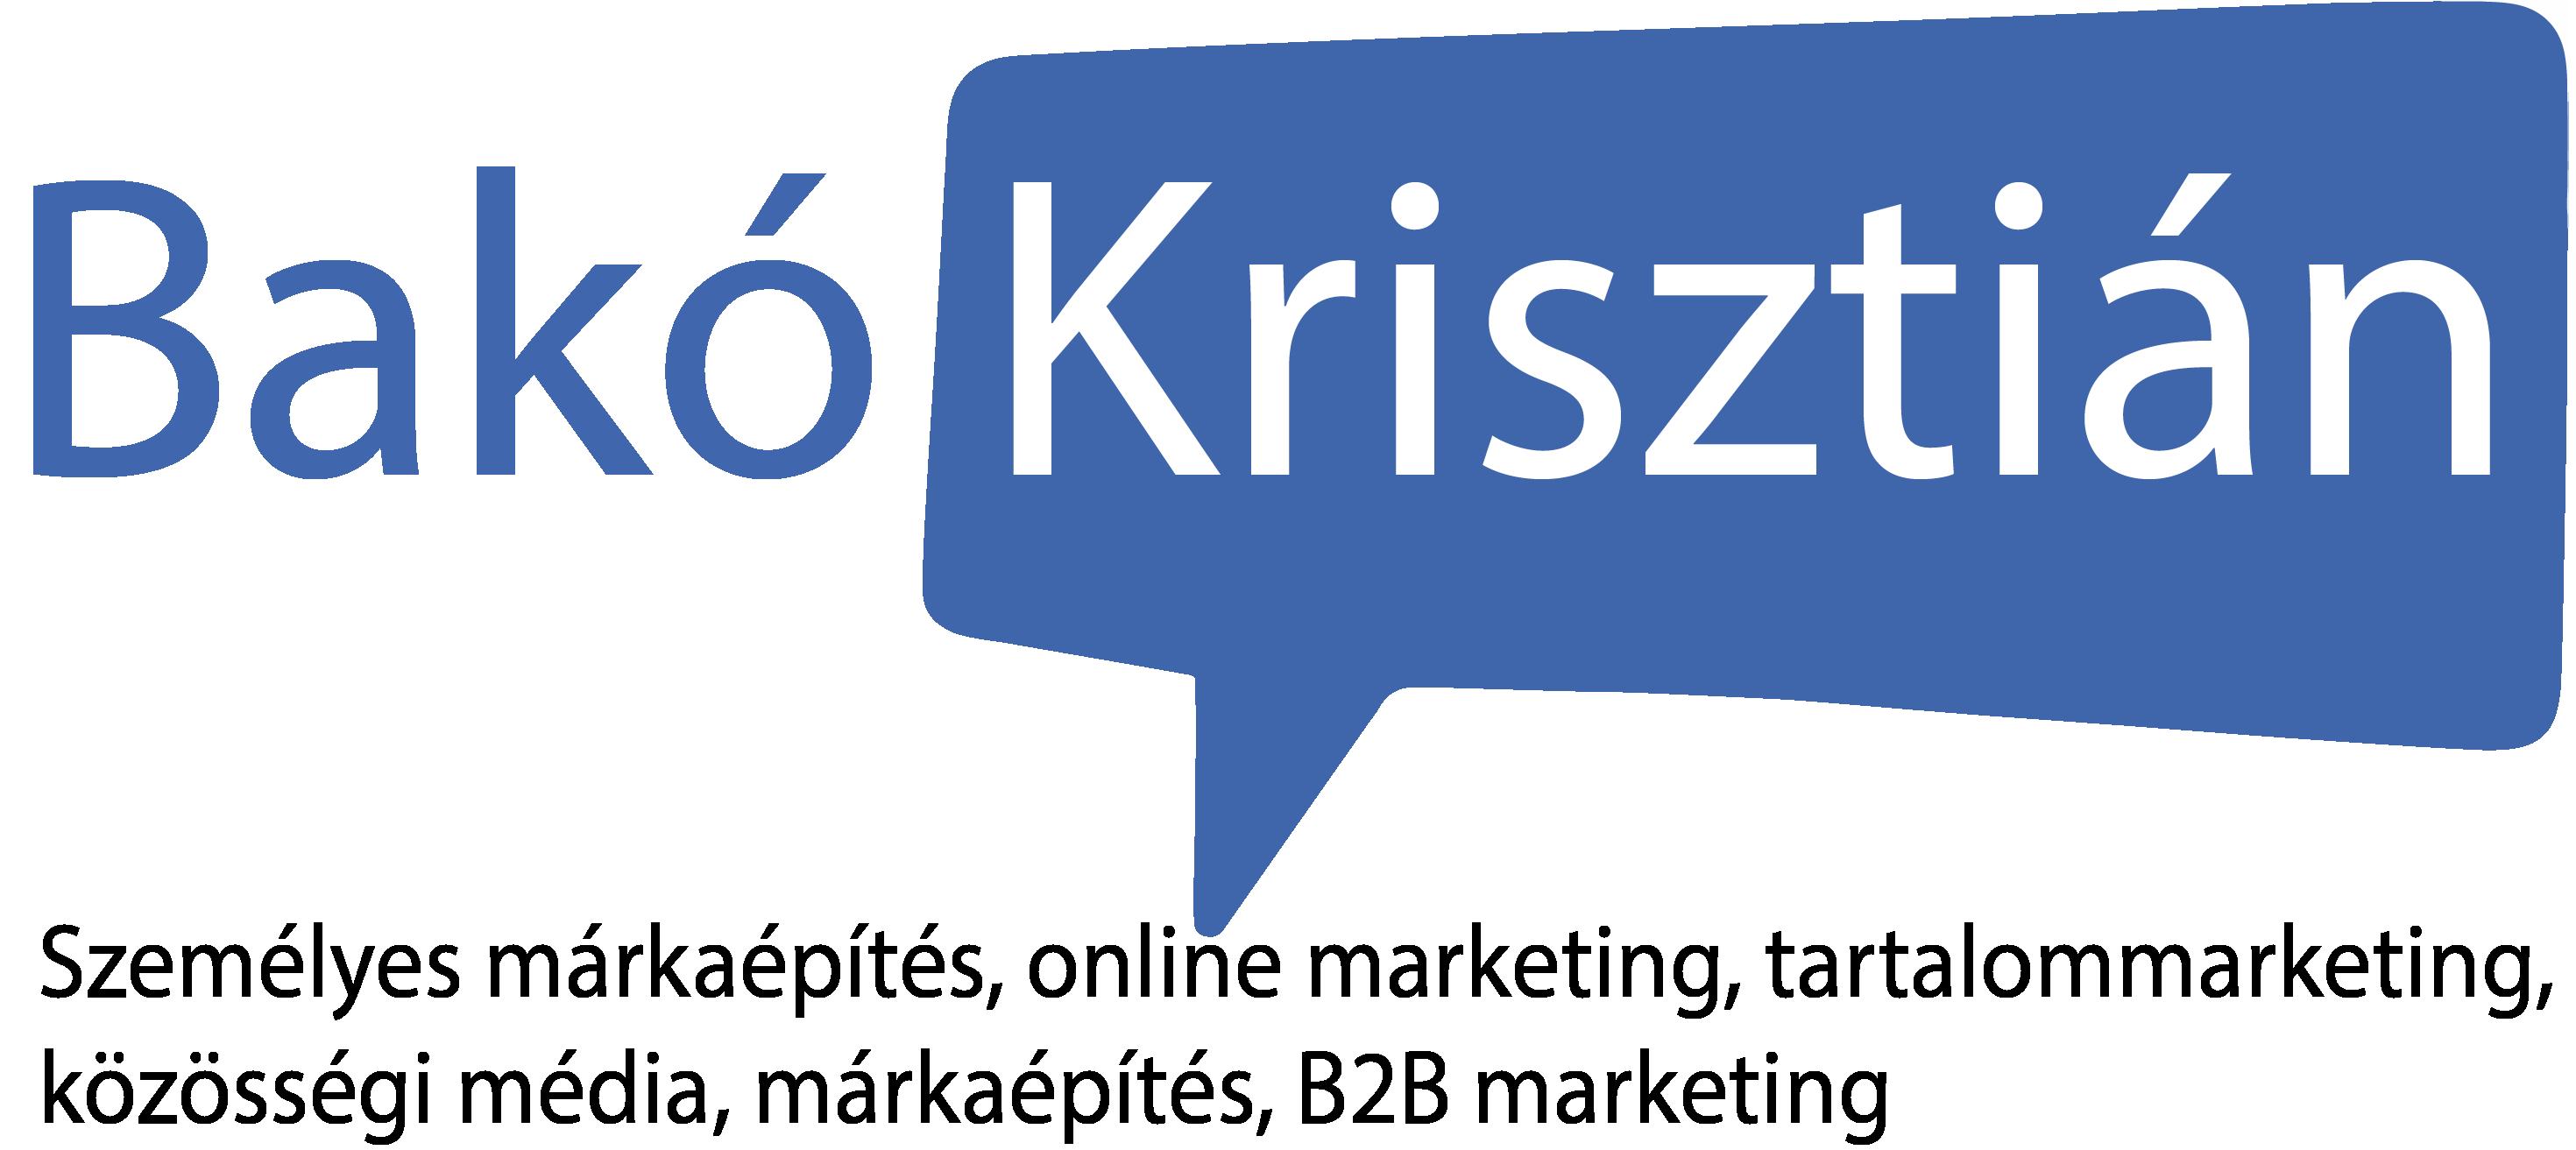 Bakó Krisztián. Marketing